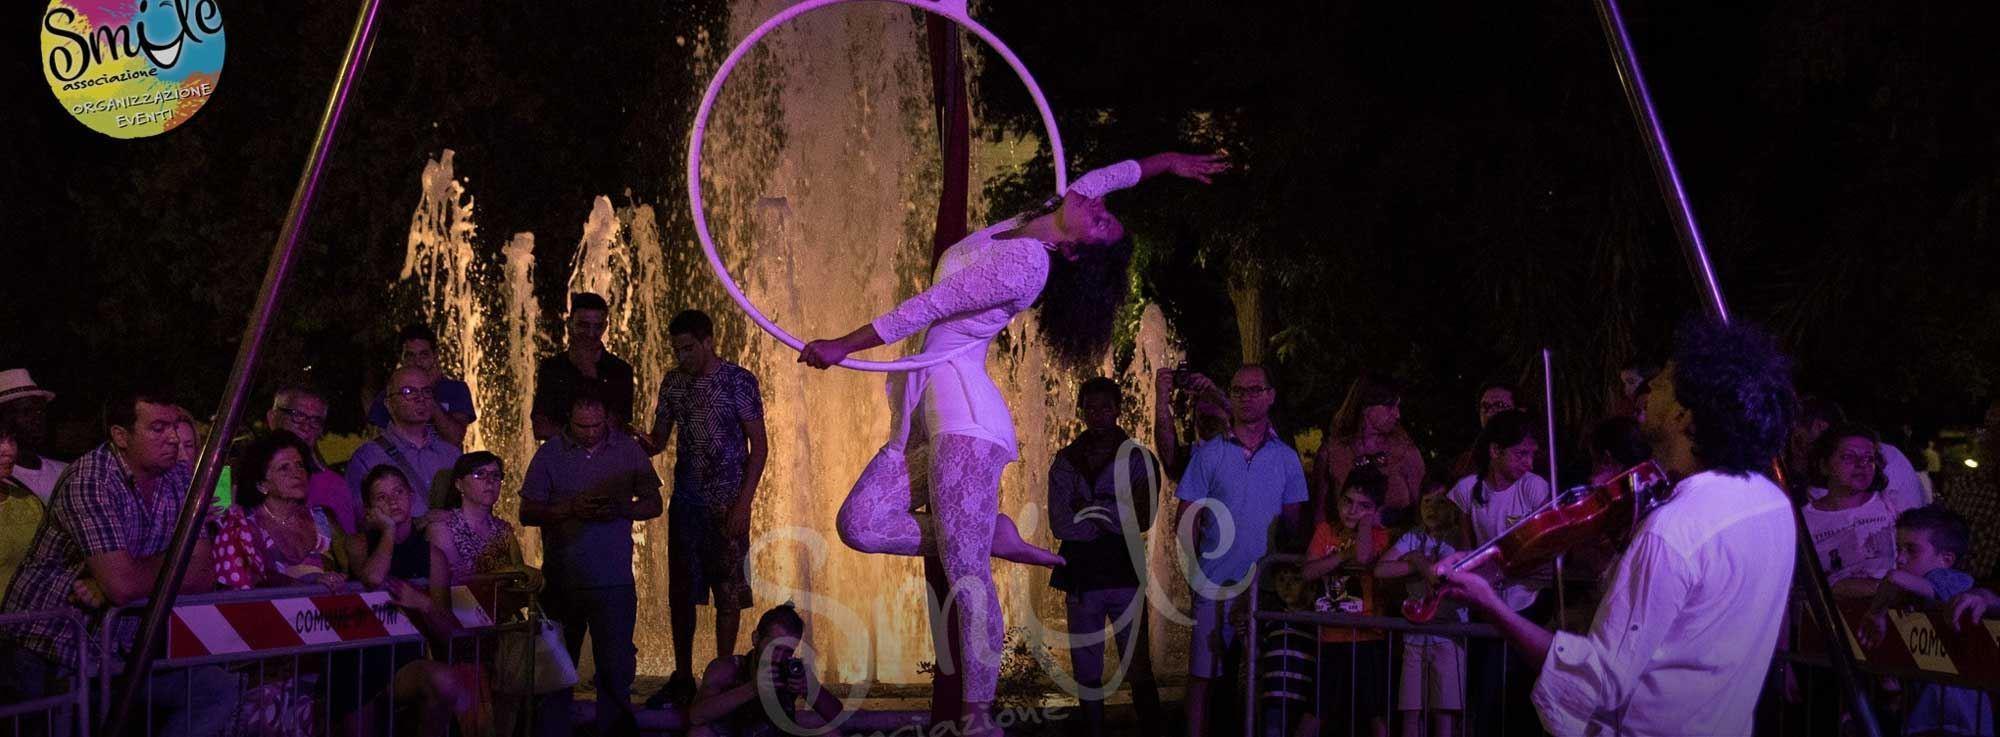 Crispiano: Smile Circus